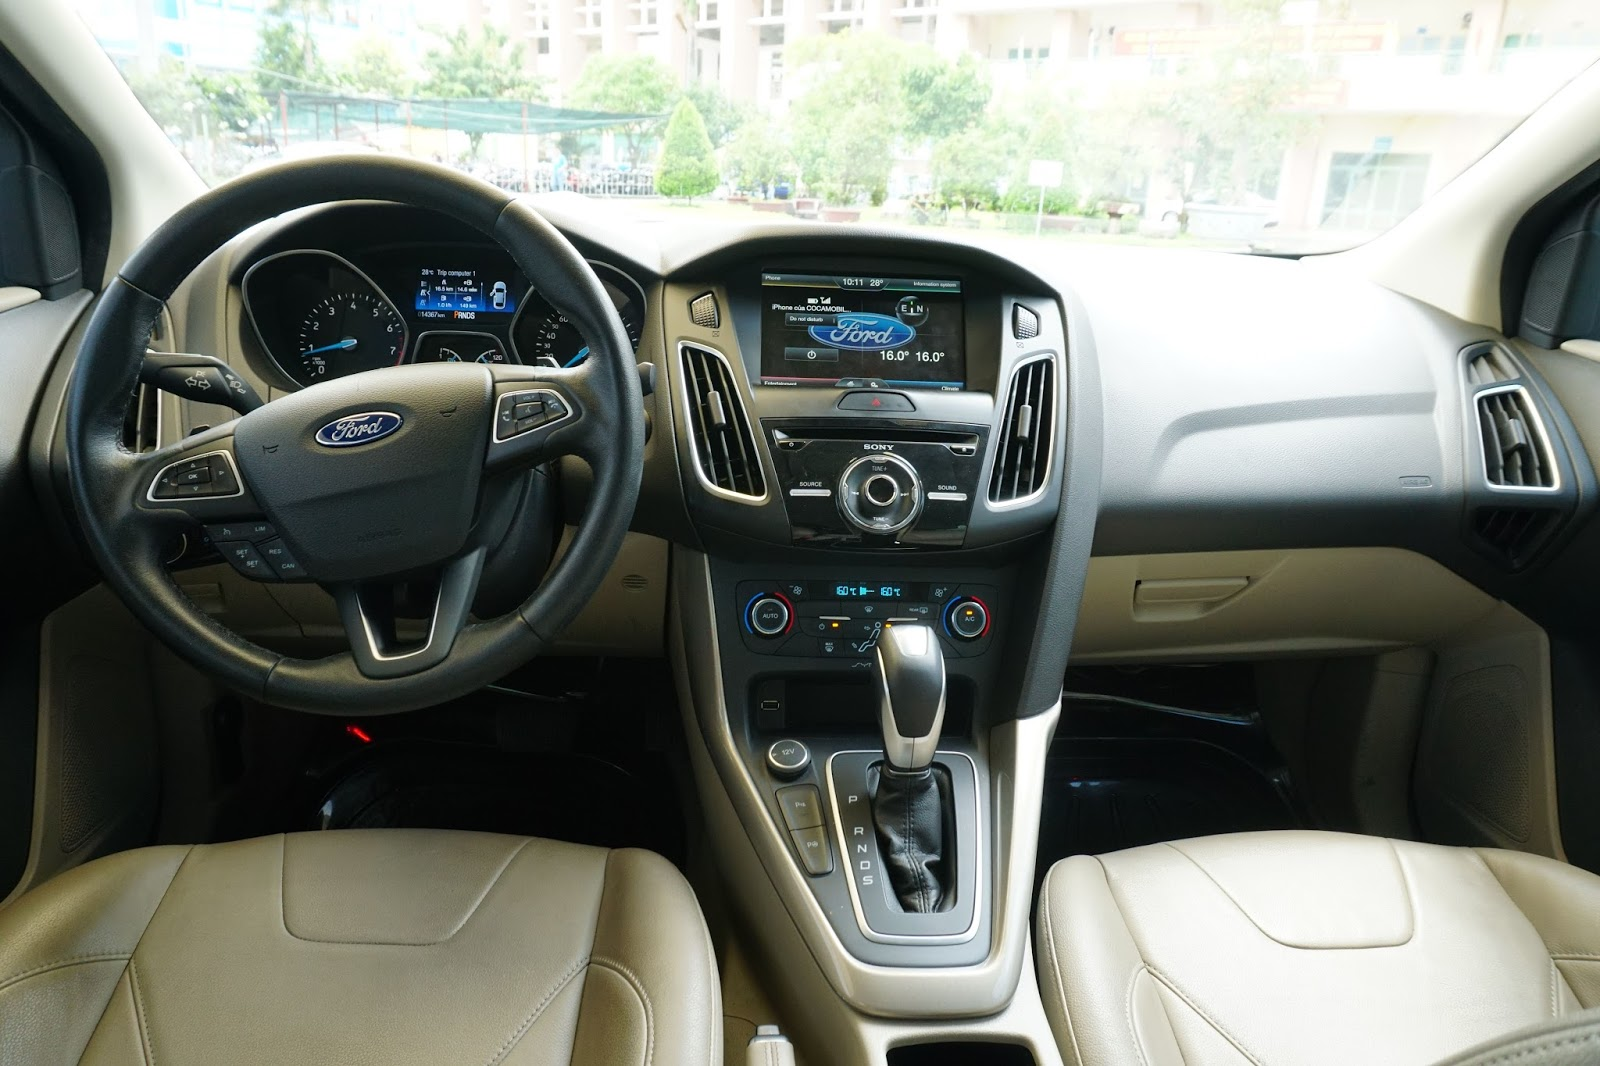 Khoang lái của xe không quá lung linh, nhưng có nhiều tính năng thông minh nhất